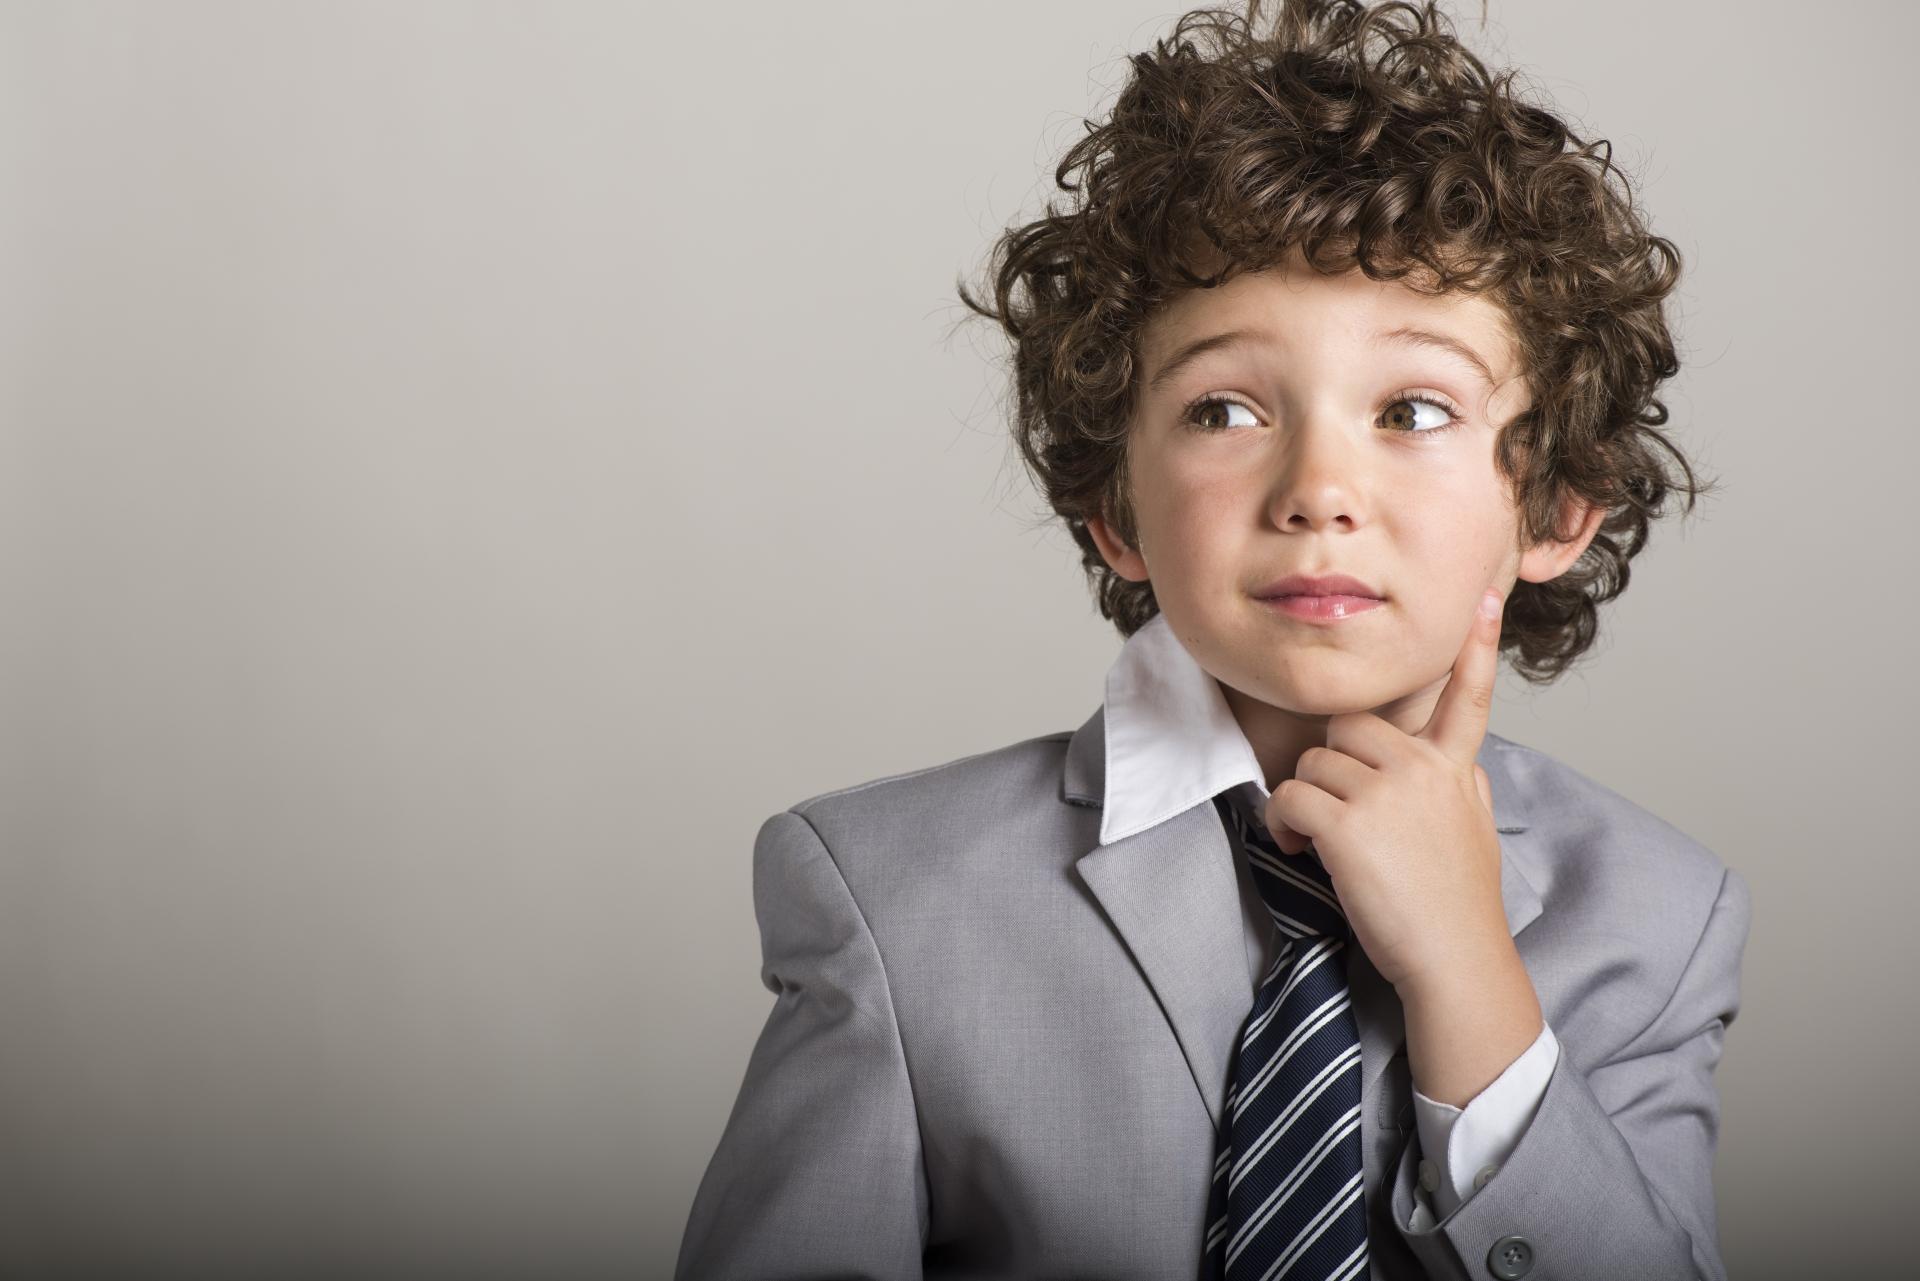 頭のいい子の4つの特徴。賢い子どもをダメにするNG行動とは?